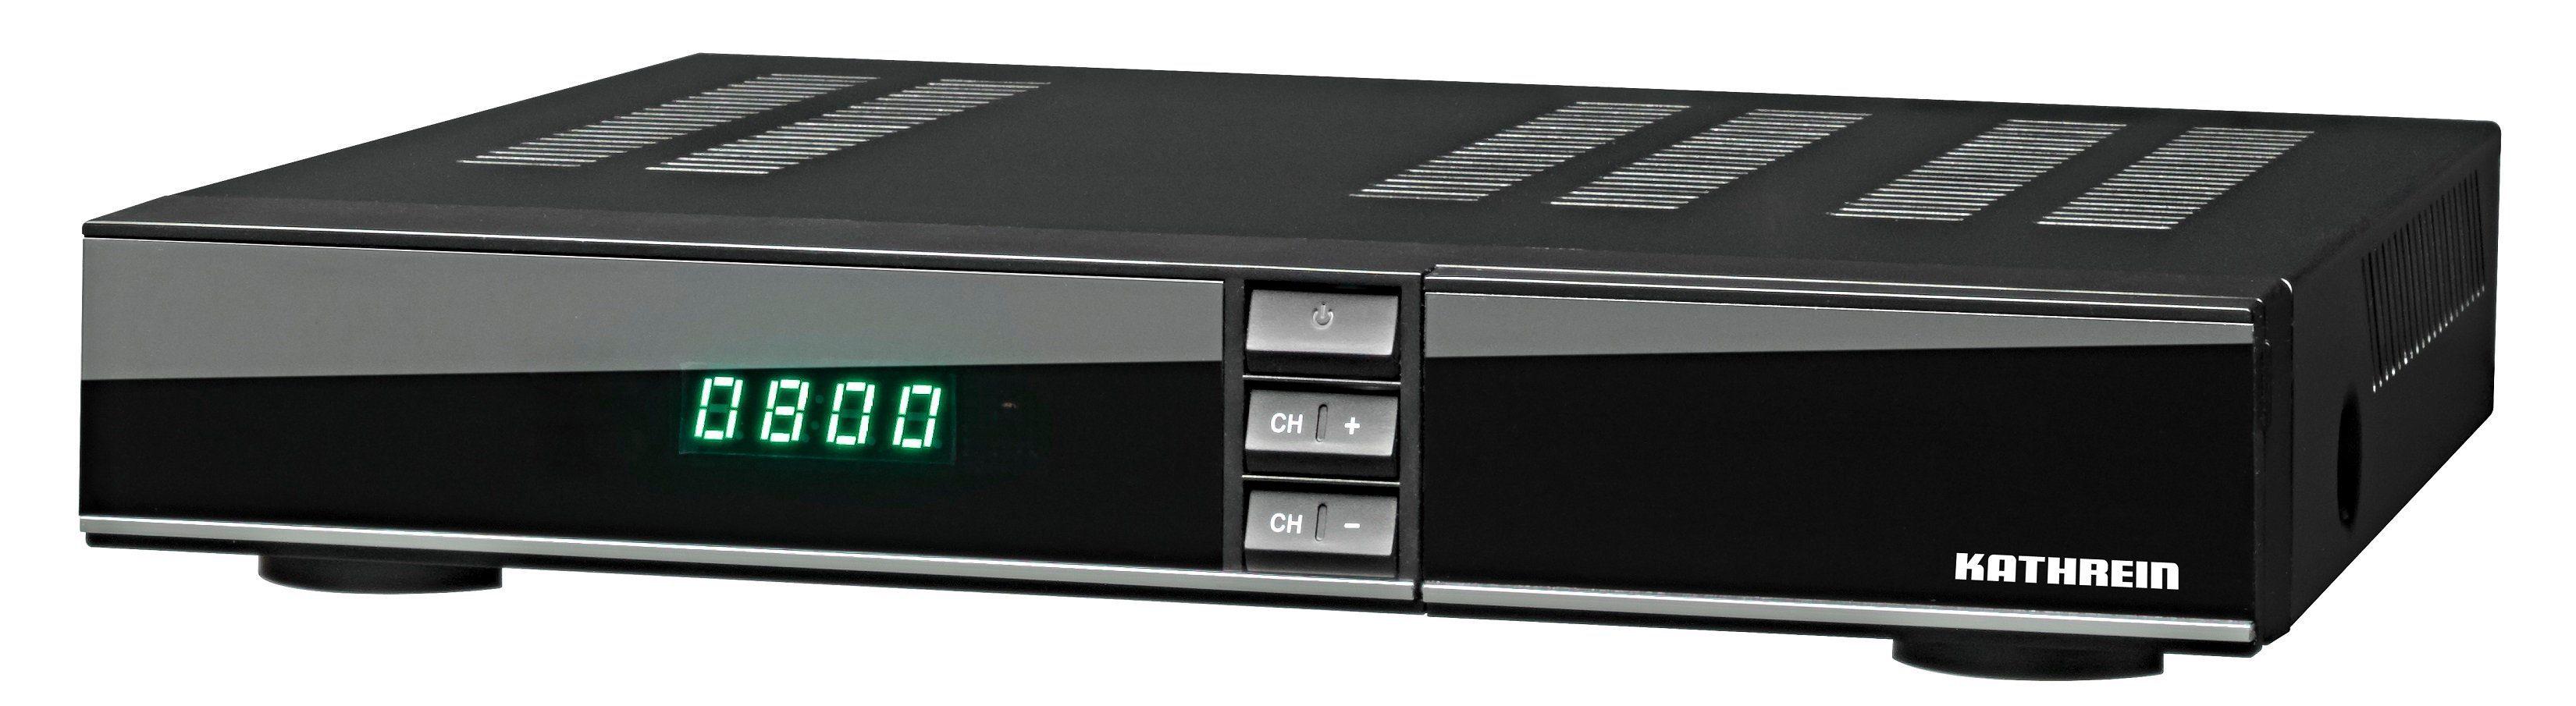 Kathrein DVB-S-Receiver HDTV »UFS 800«